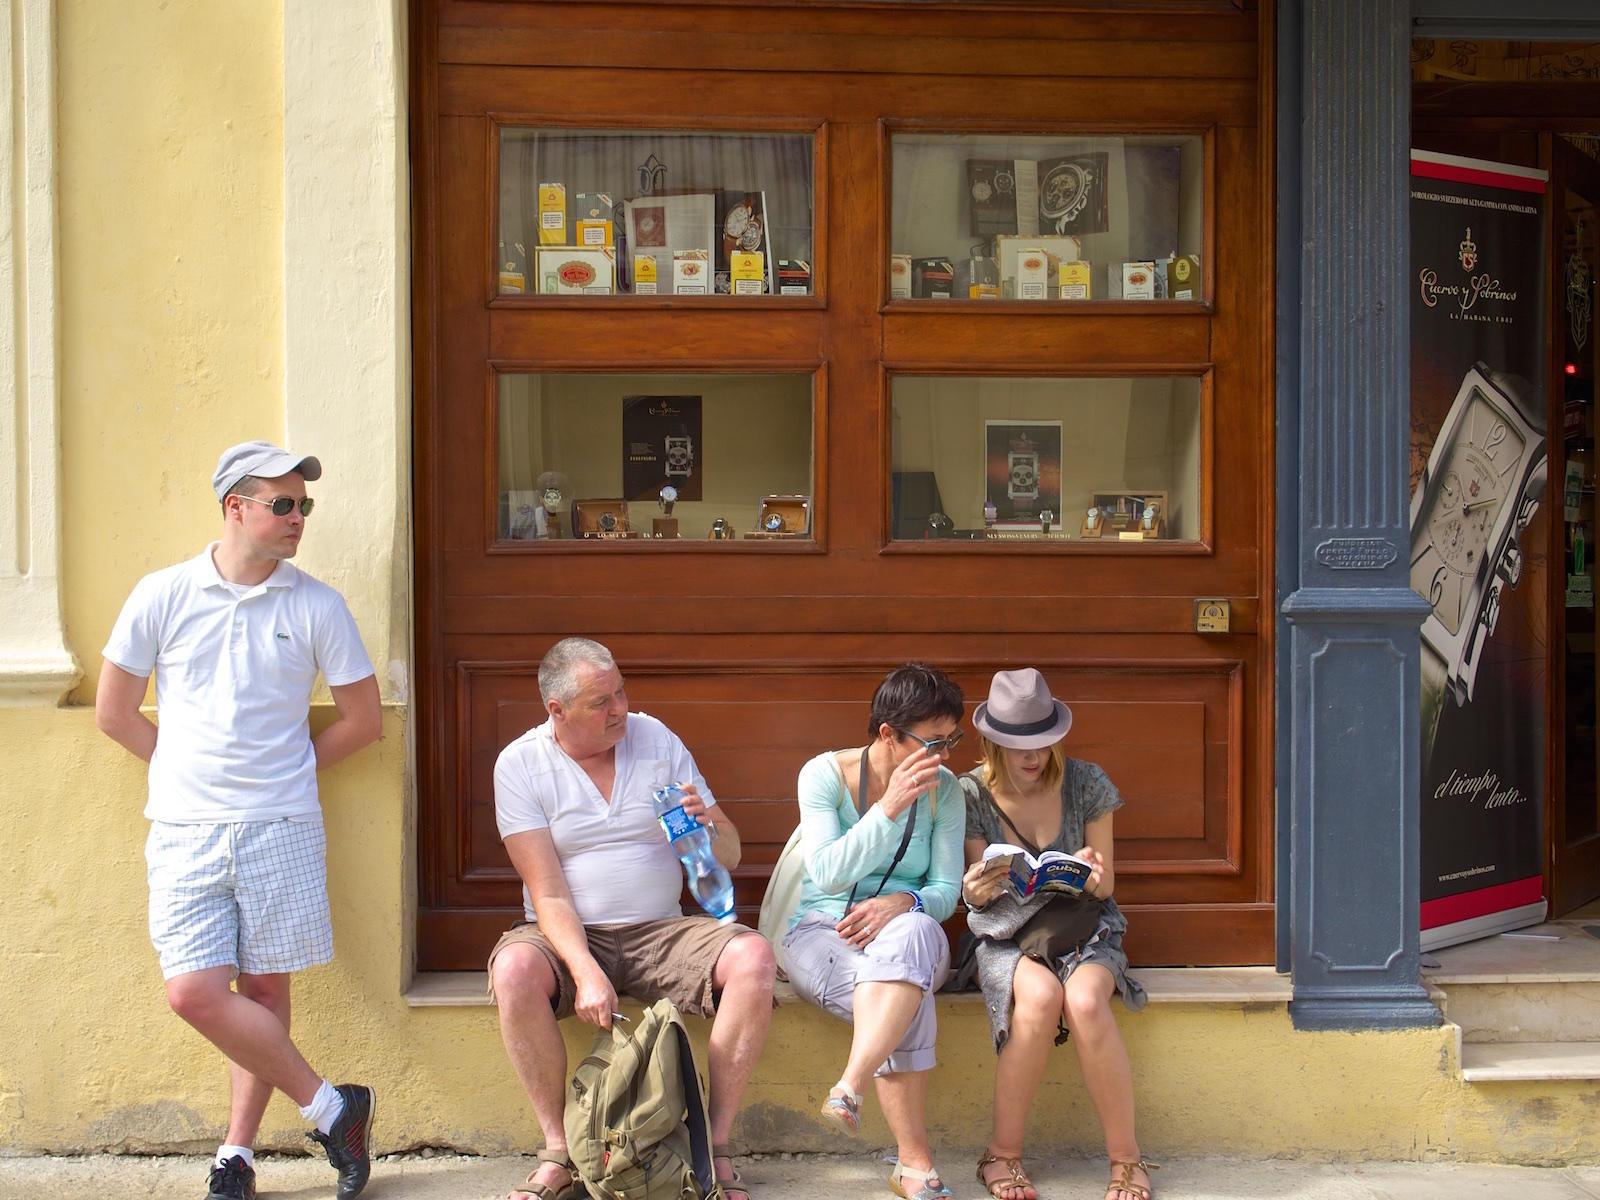 http://thedigitalstory.com/2016/03/22/cuba-tourists.jpg